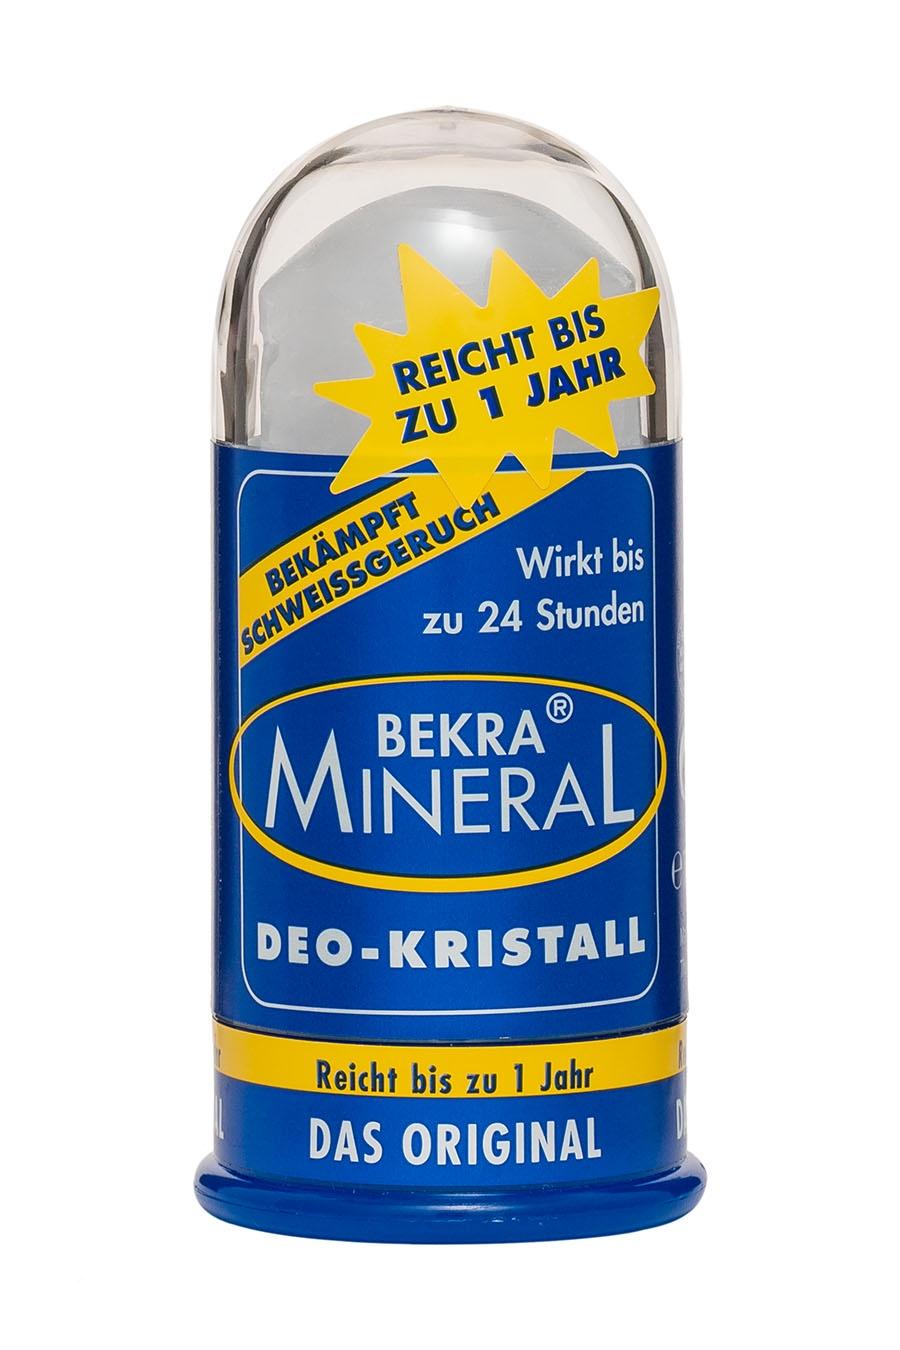 Дезодорант Bekra Mineral Натуральный цельный кристалл Bekra Mineral, 100 дезодорант спрей для ног bekra mineral fuss geruch stop минеральный 150 мл